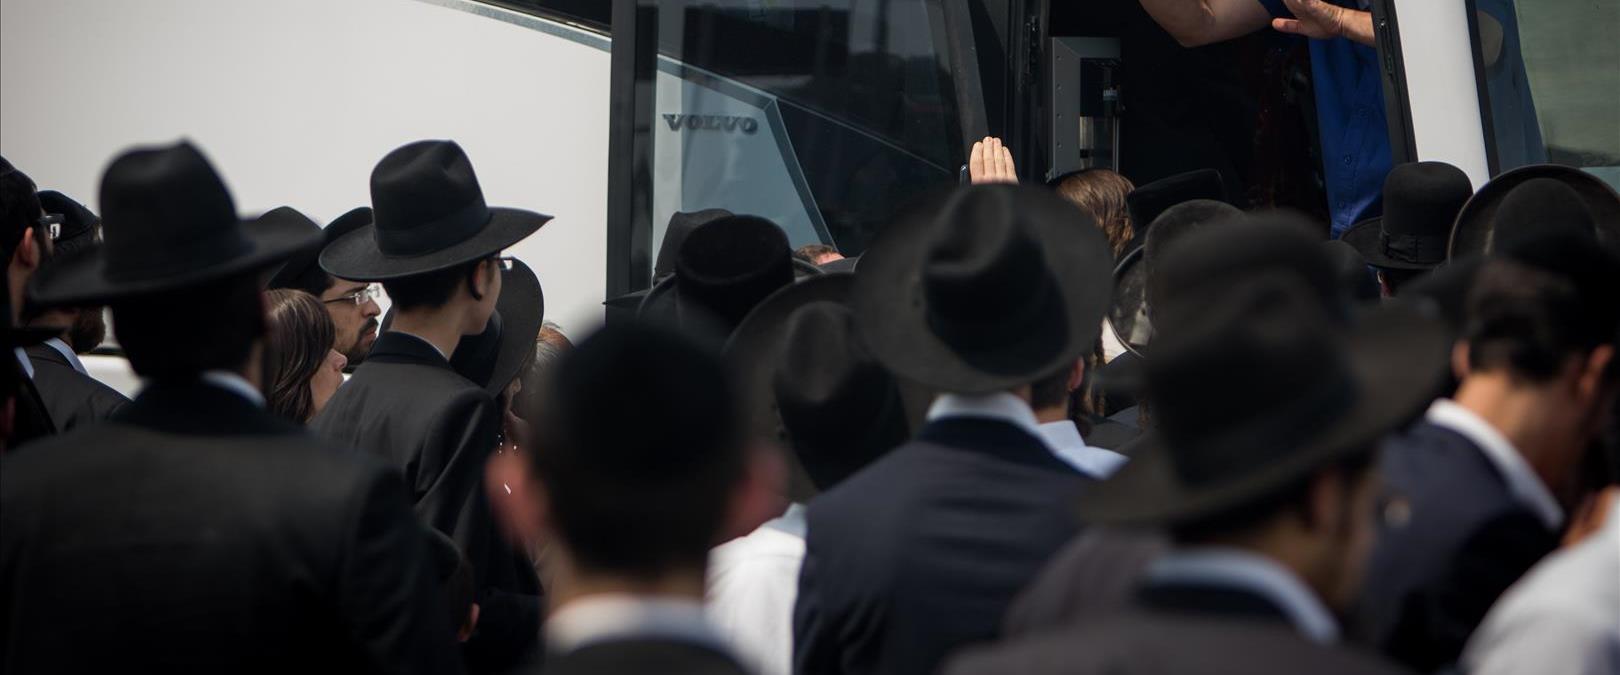 נוסעים חרדים בכניסה לאוטובוס